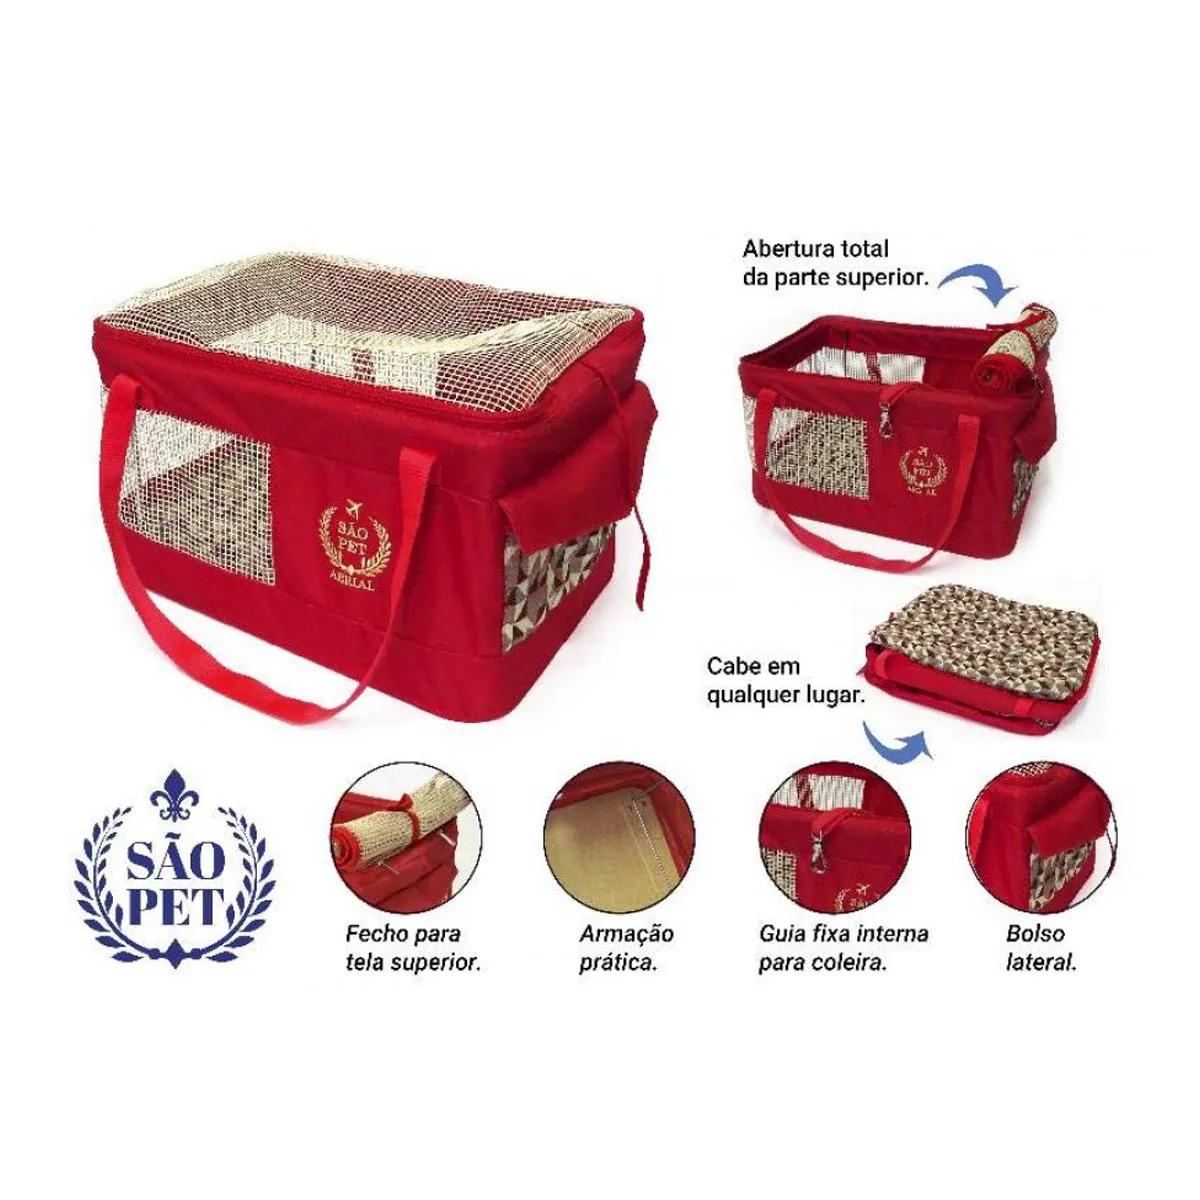 Bolsa Aerial São Pet Vermelha para Transporte de Cães e Gatos em Avião 36cm x 33cm x 23cm